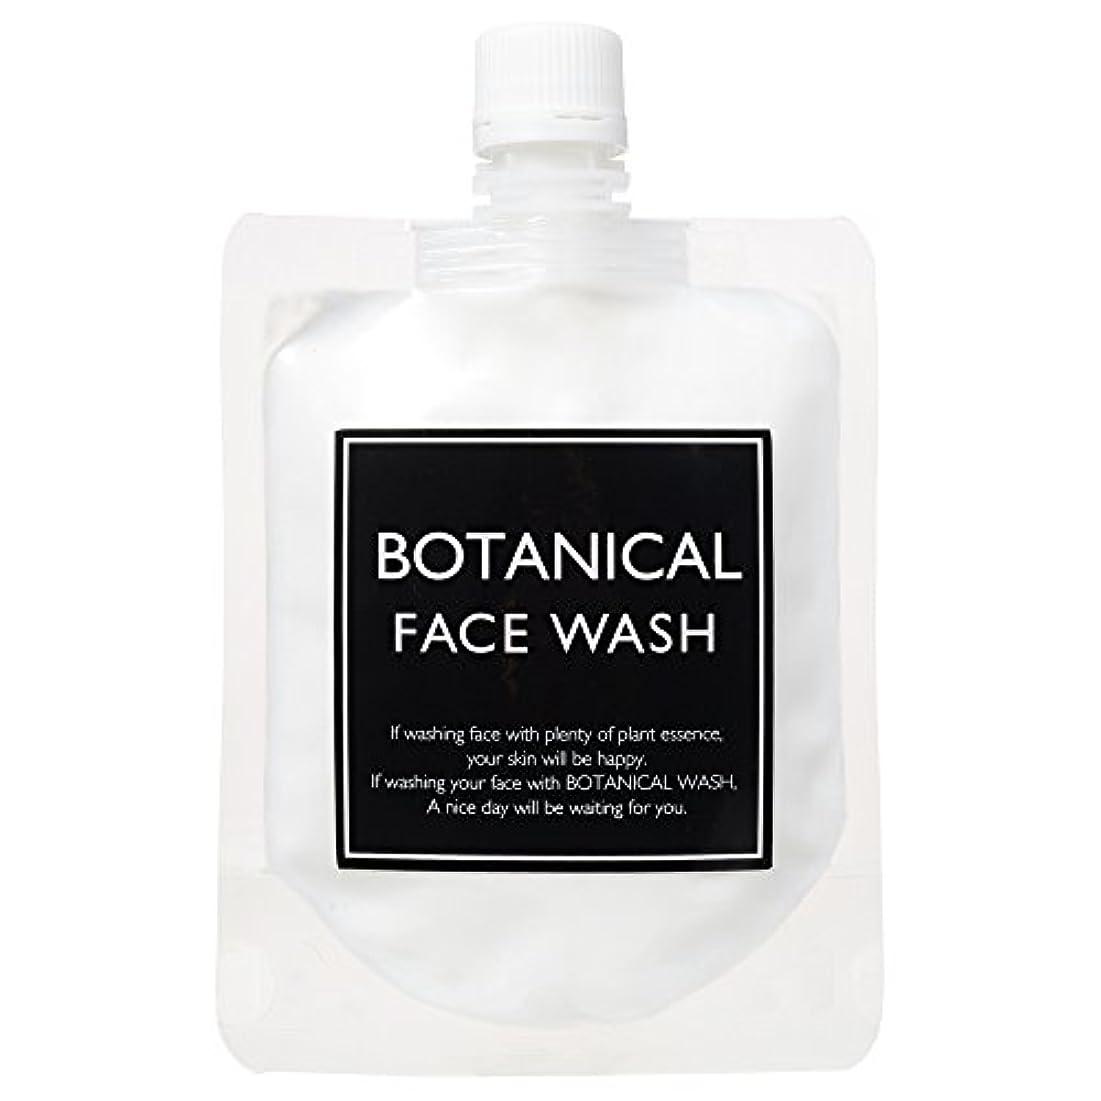 フラッシュのように素早く裁量カリング【BOTANICAL FACE WASH】 ボタニカル フェイスウォッシュ 150g 泡洗顔